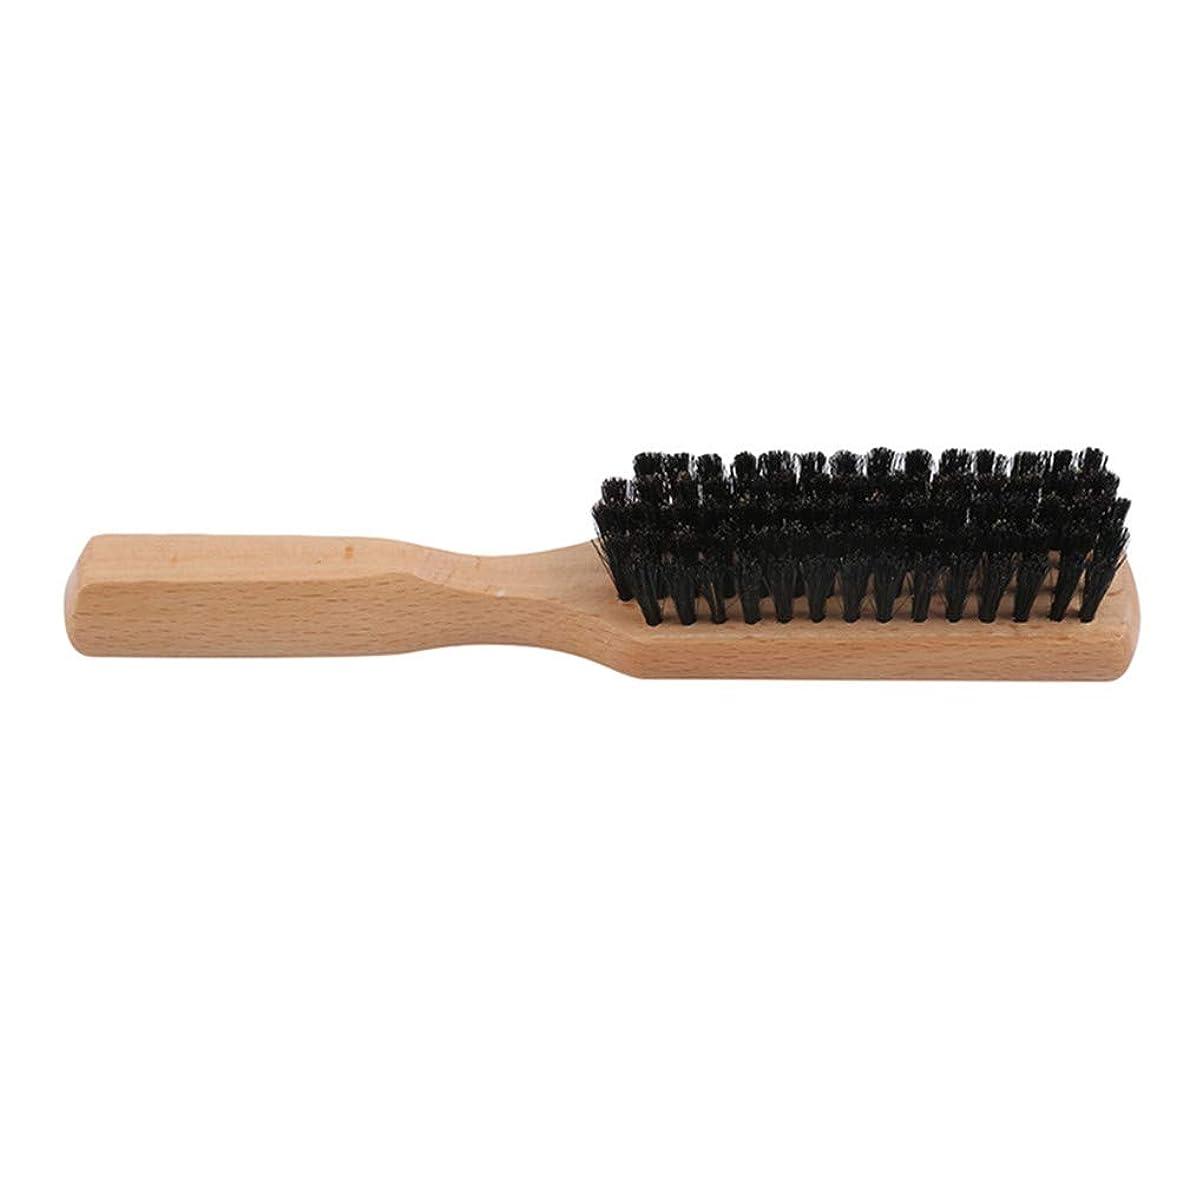 検体突然のデザートCngstar シェービング用ブラシ シェービングブラシ メンズ 洗顔 理容 洗顔 髭剃り